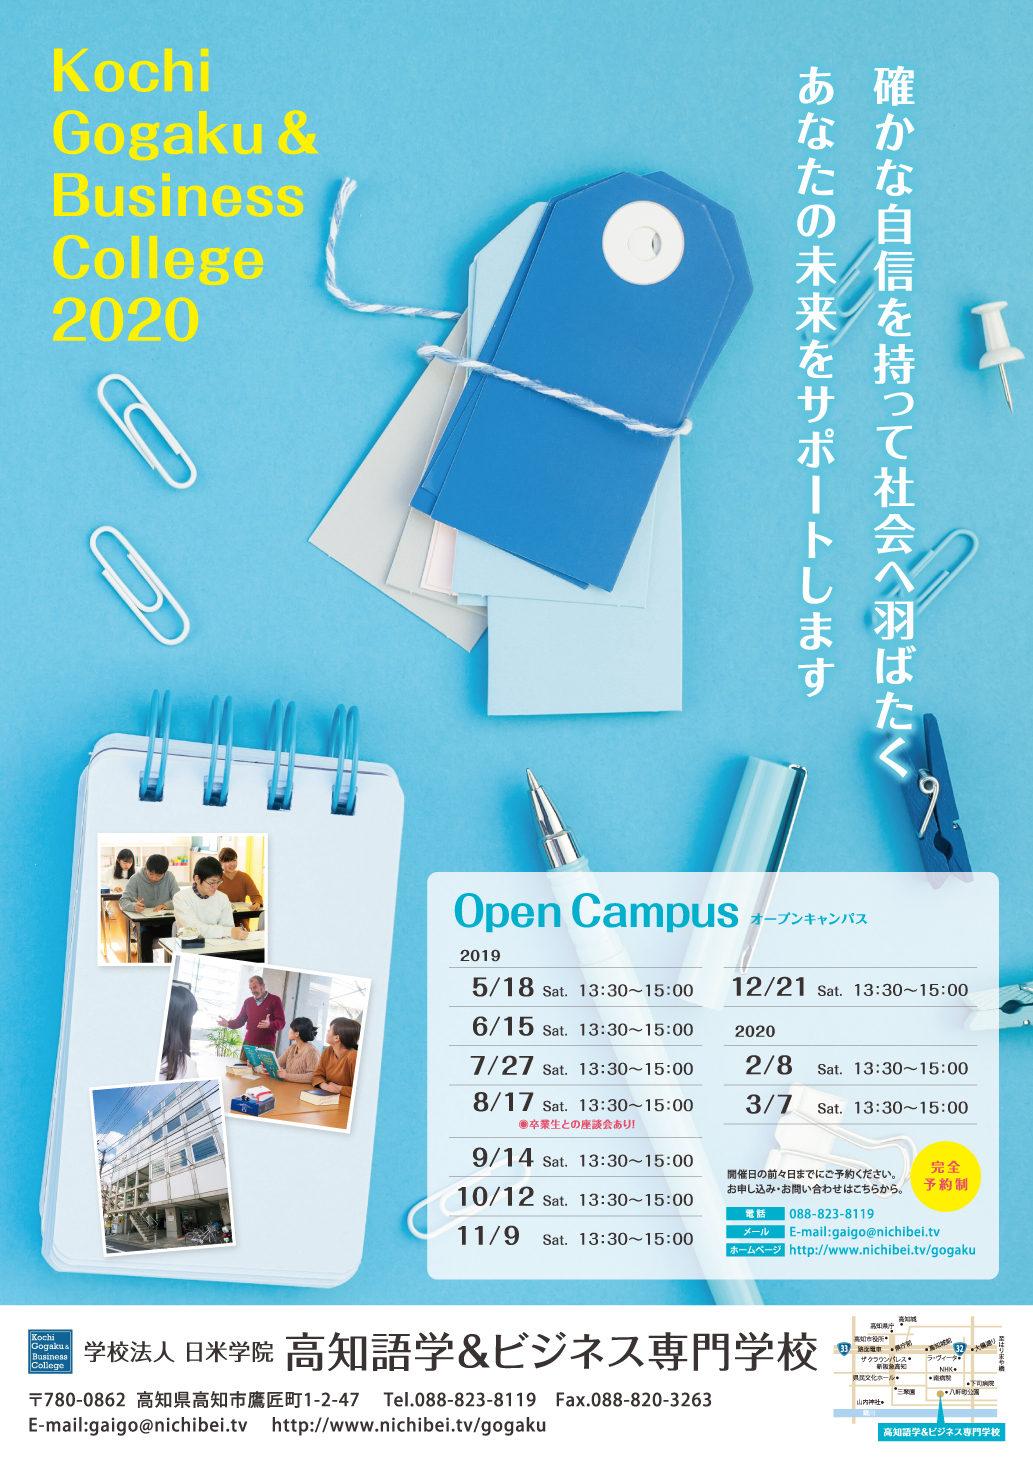 高知語学&ビジネス専門学校様 2020年度ポスター